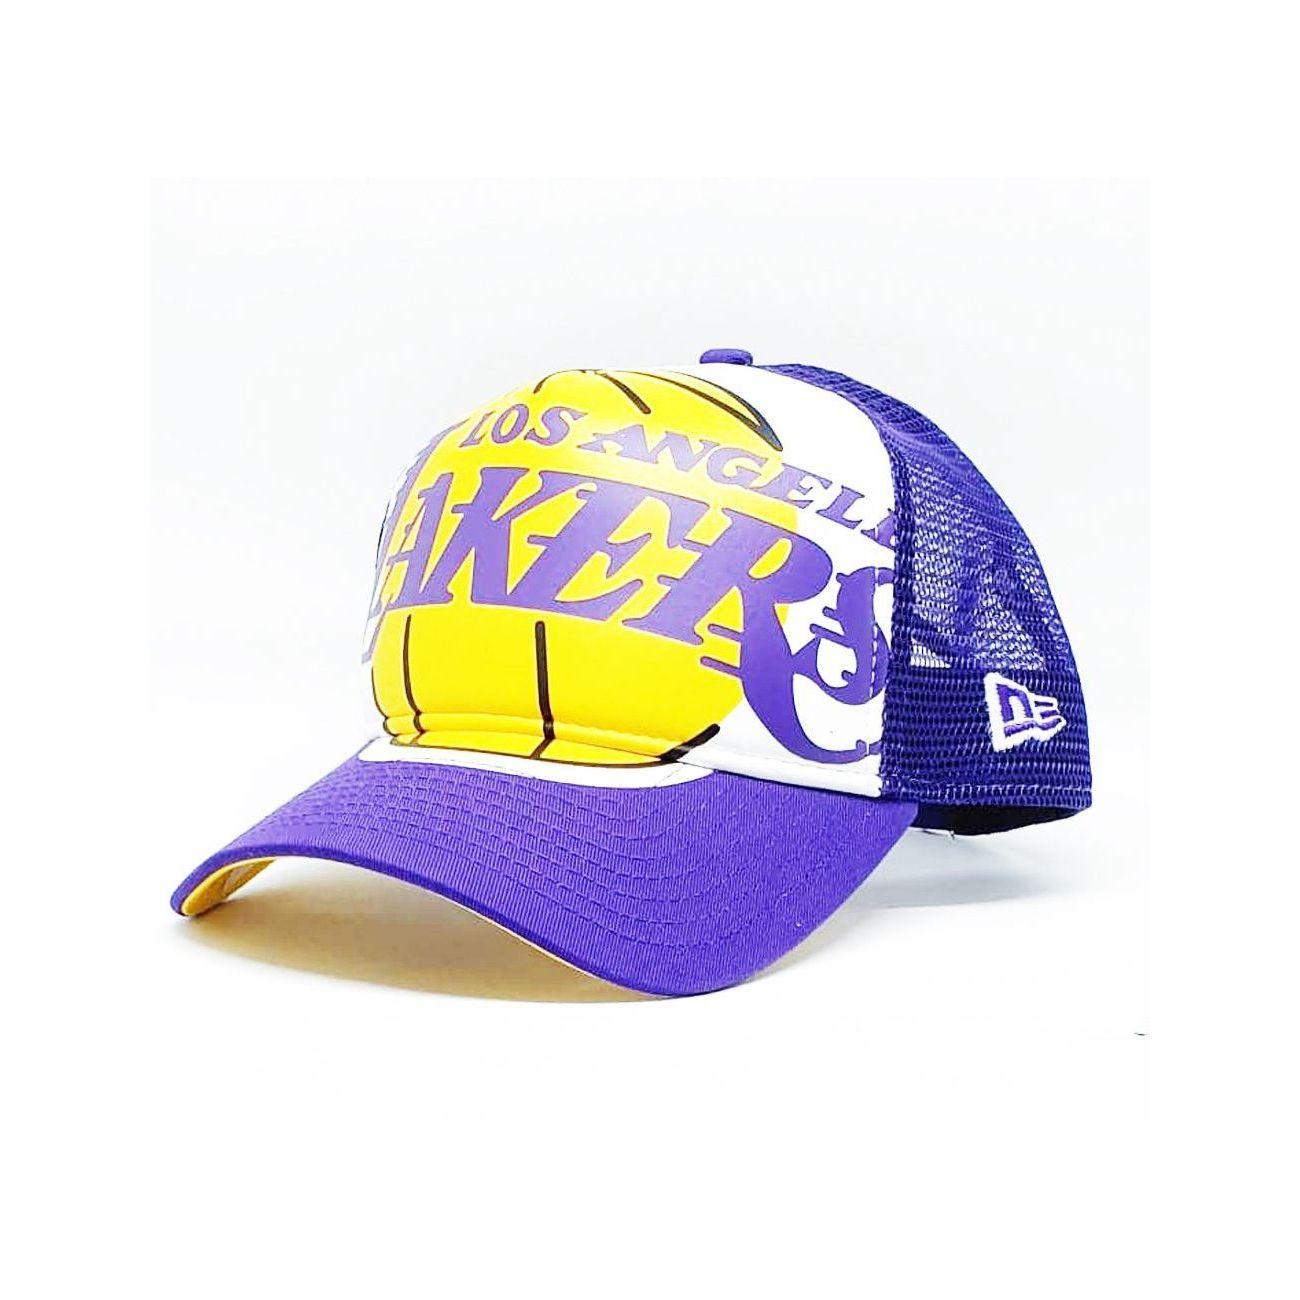 Mode- Lifestyle adulte NEW ERA Casquette à filet Los Angeles Lakers NBA RETRO PACK